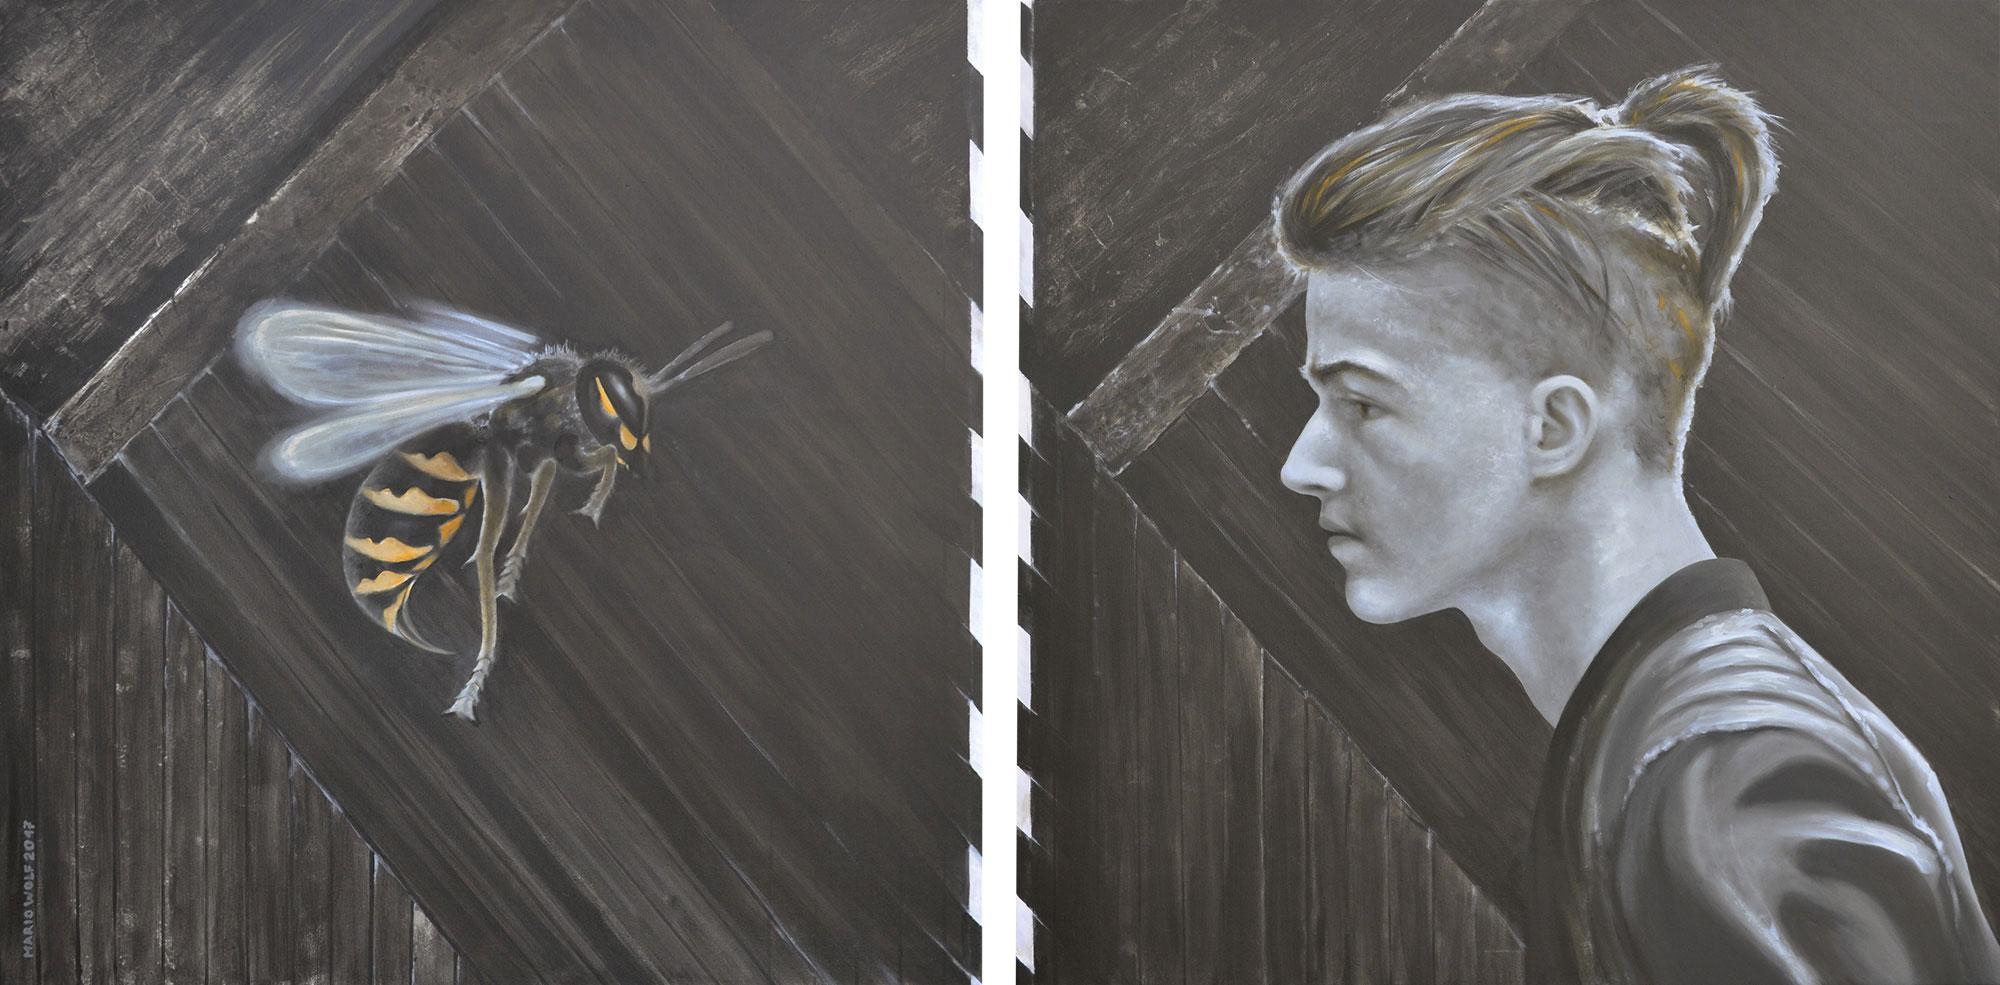 Feindbild - Gemälde vom Künstler Mario Wolf